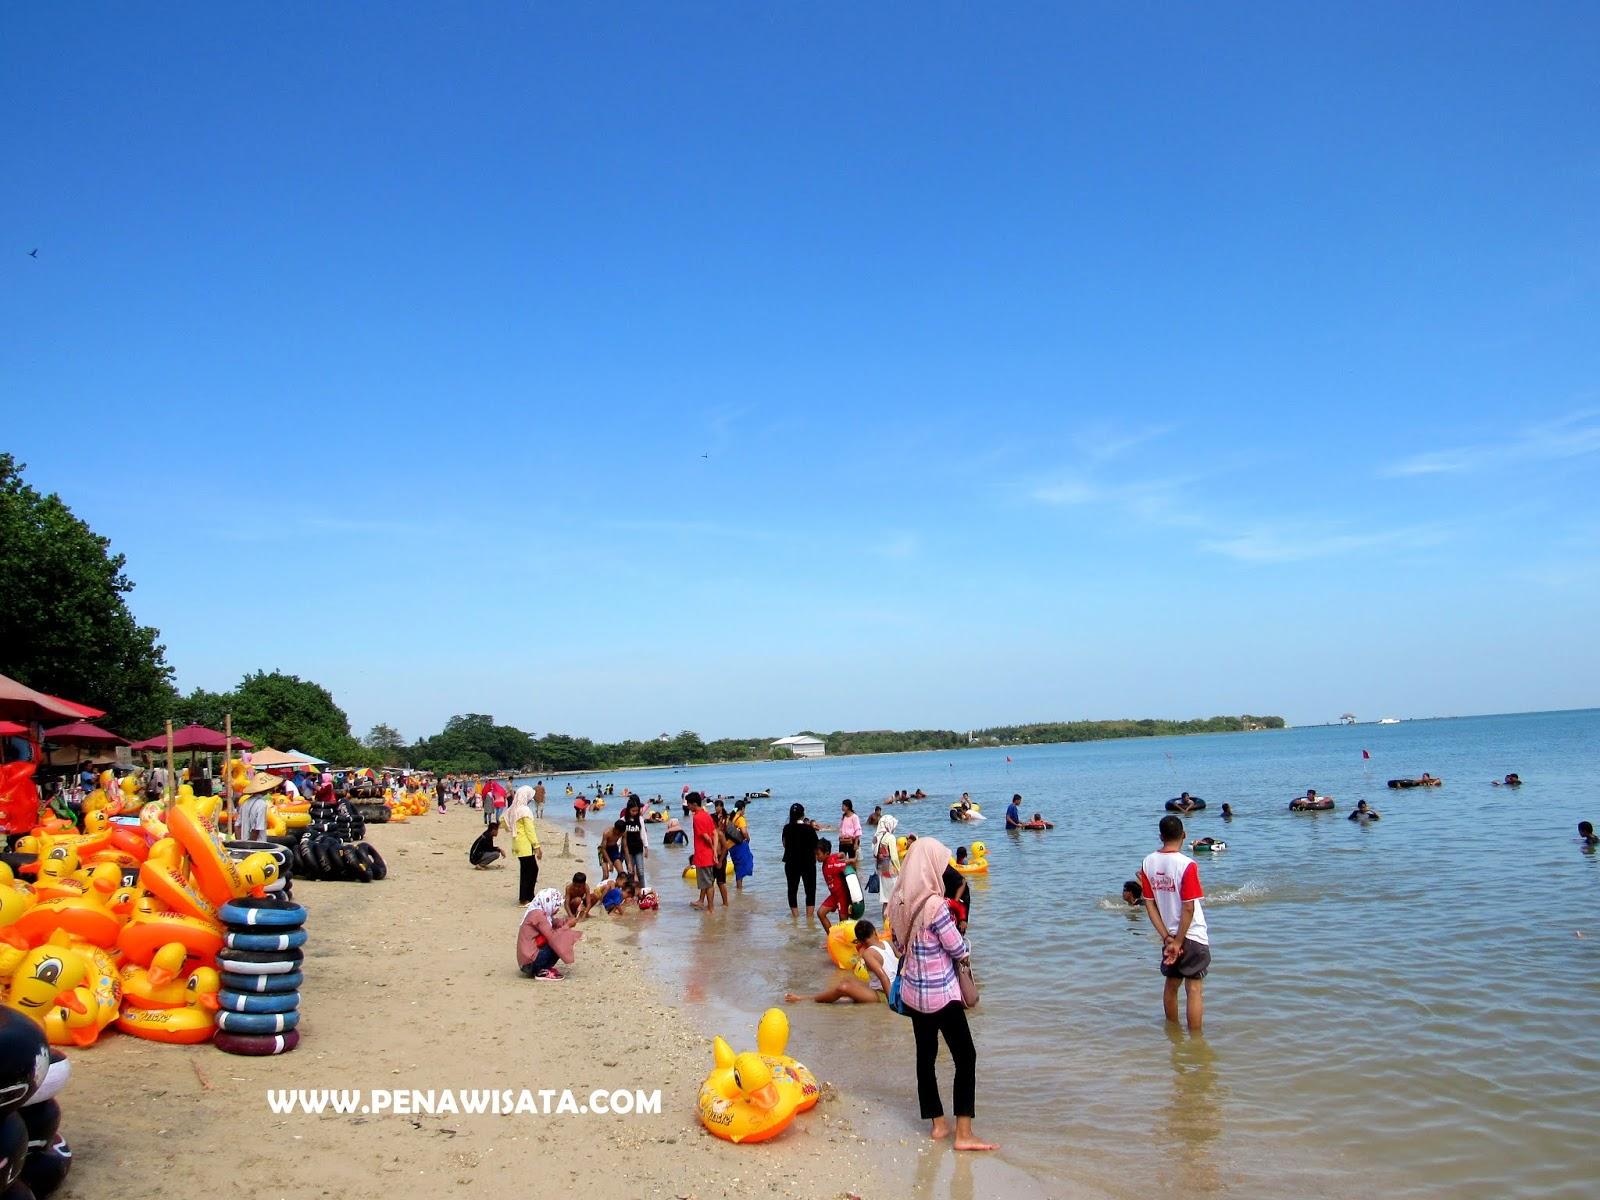 Info Harga Tiket Masuk Pantai Teluk Awur Jepara - Penawisata.com